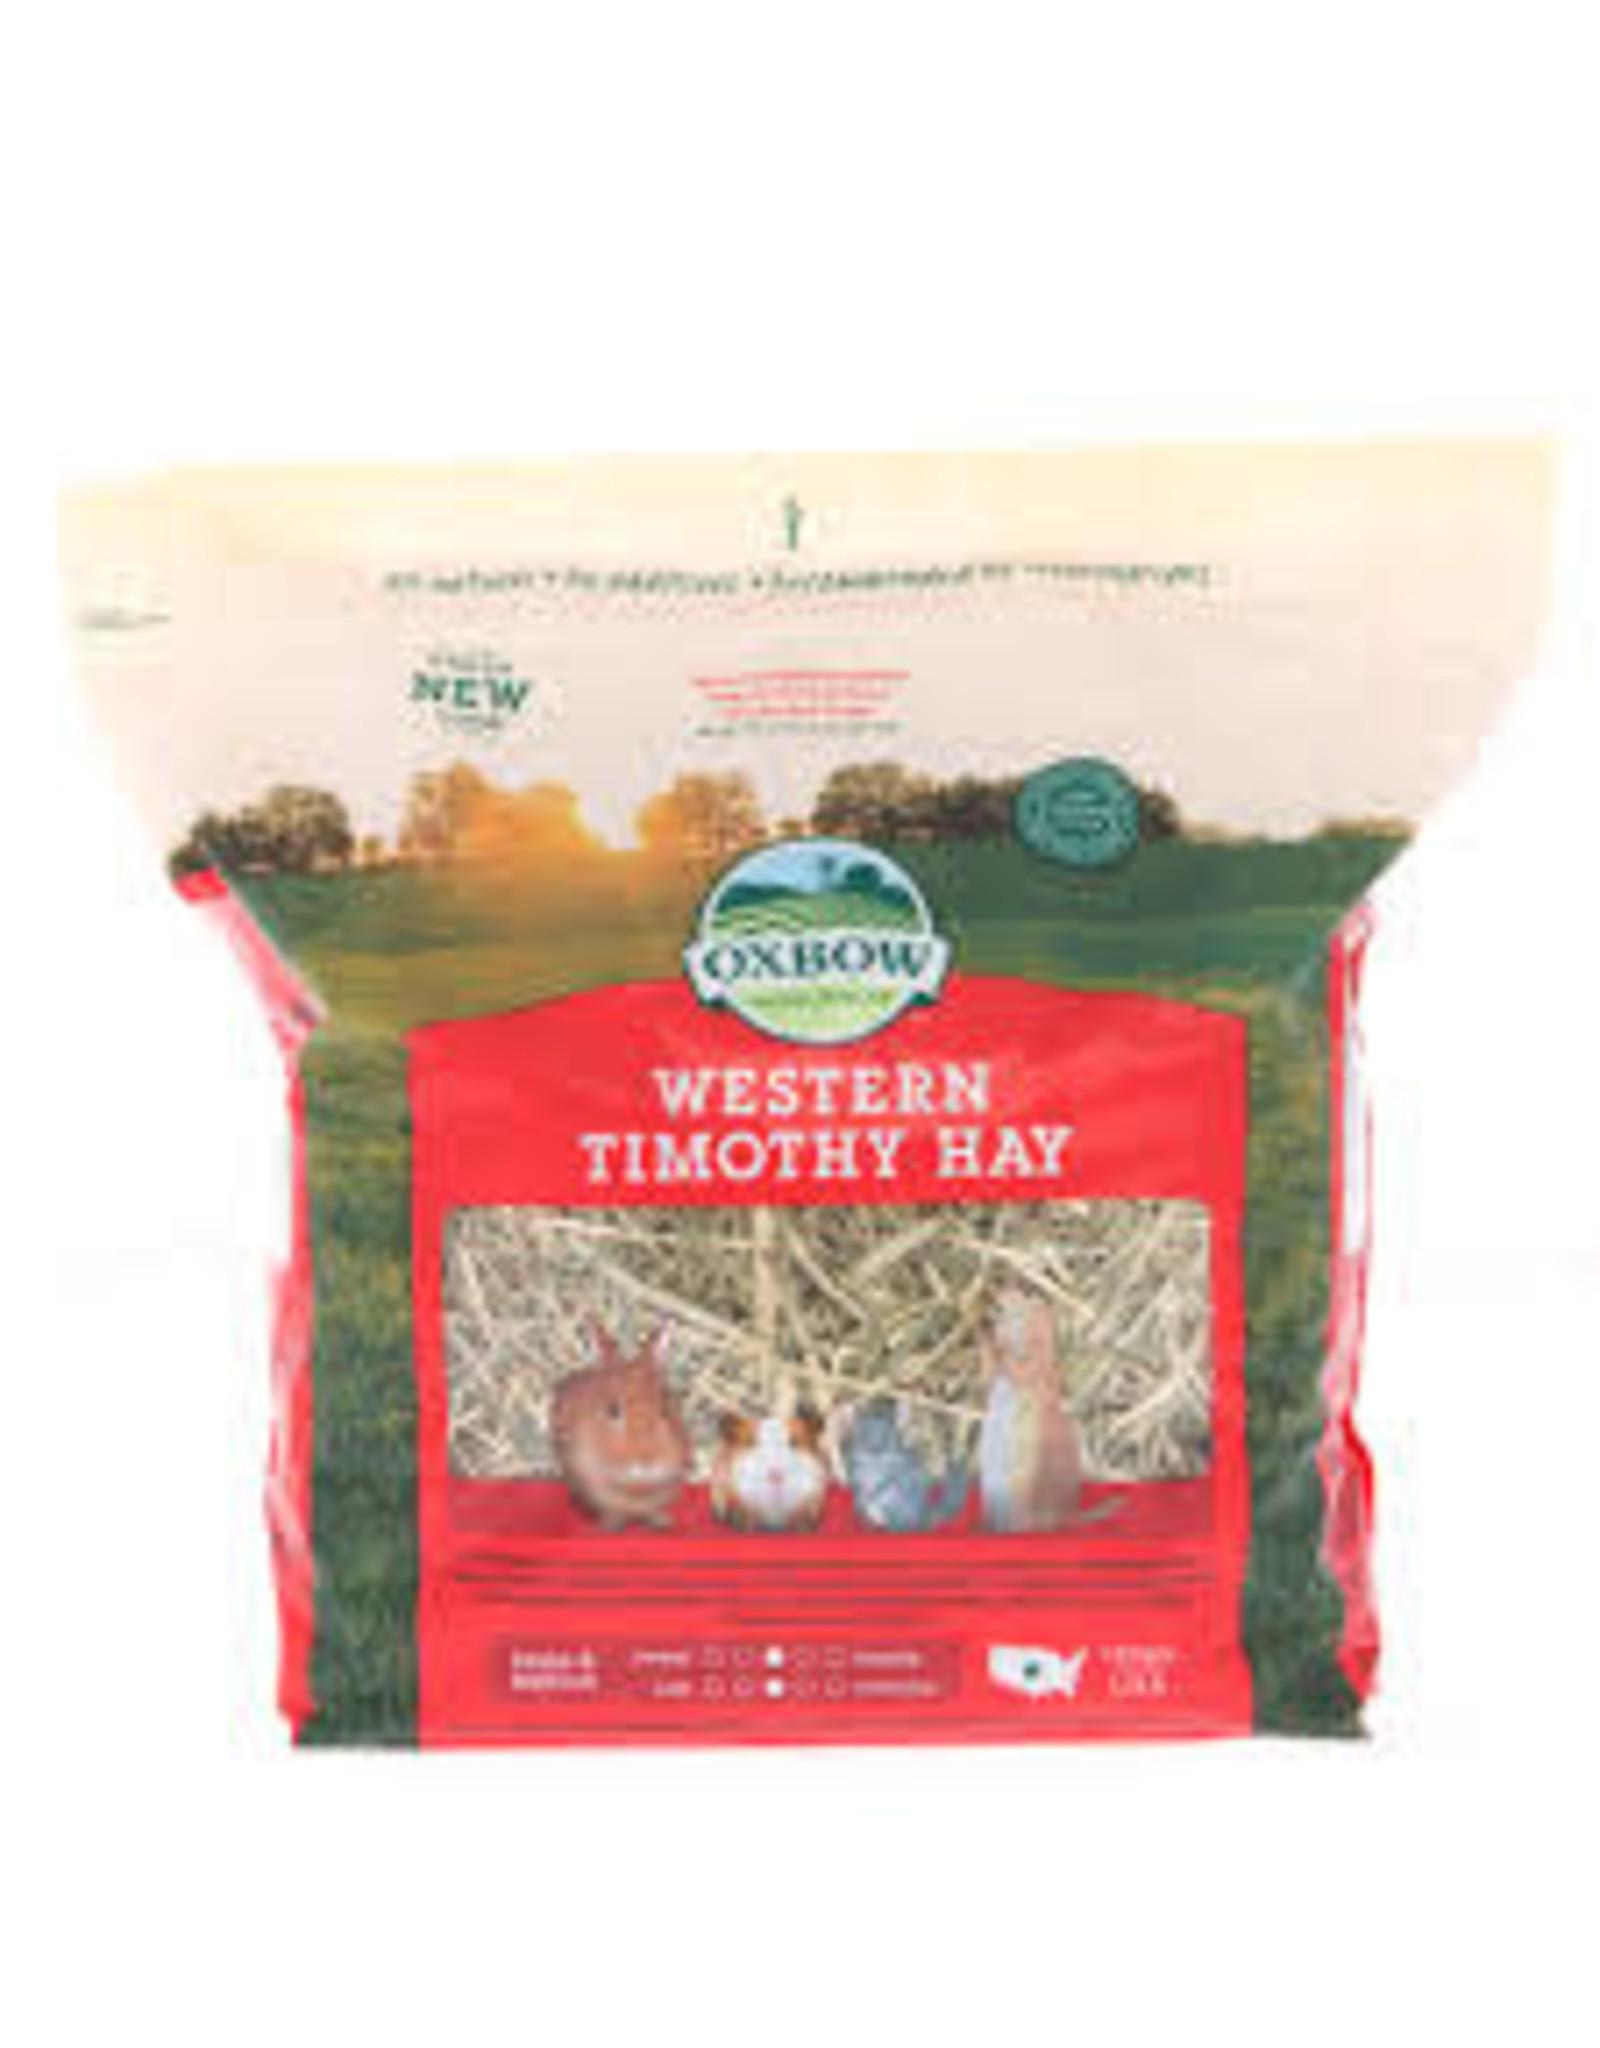 oxbow western timothy hay Oxbow \ Western Timothy Hay 90oz